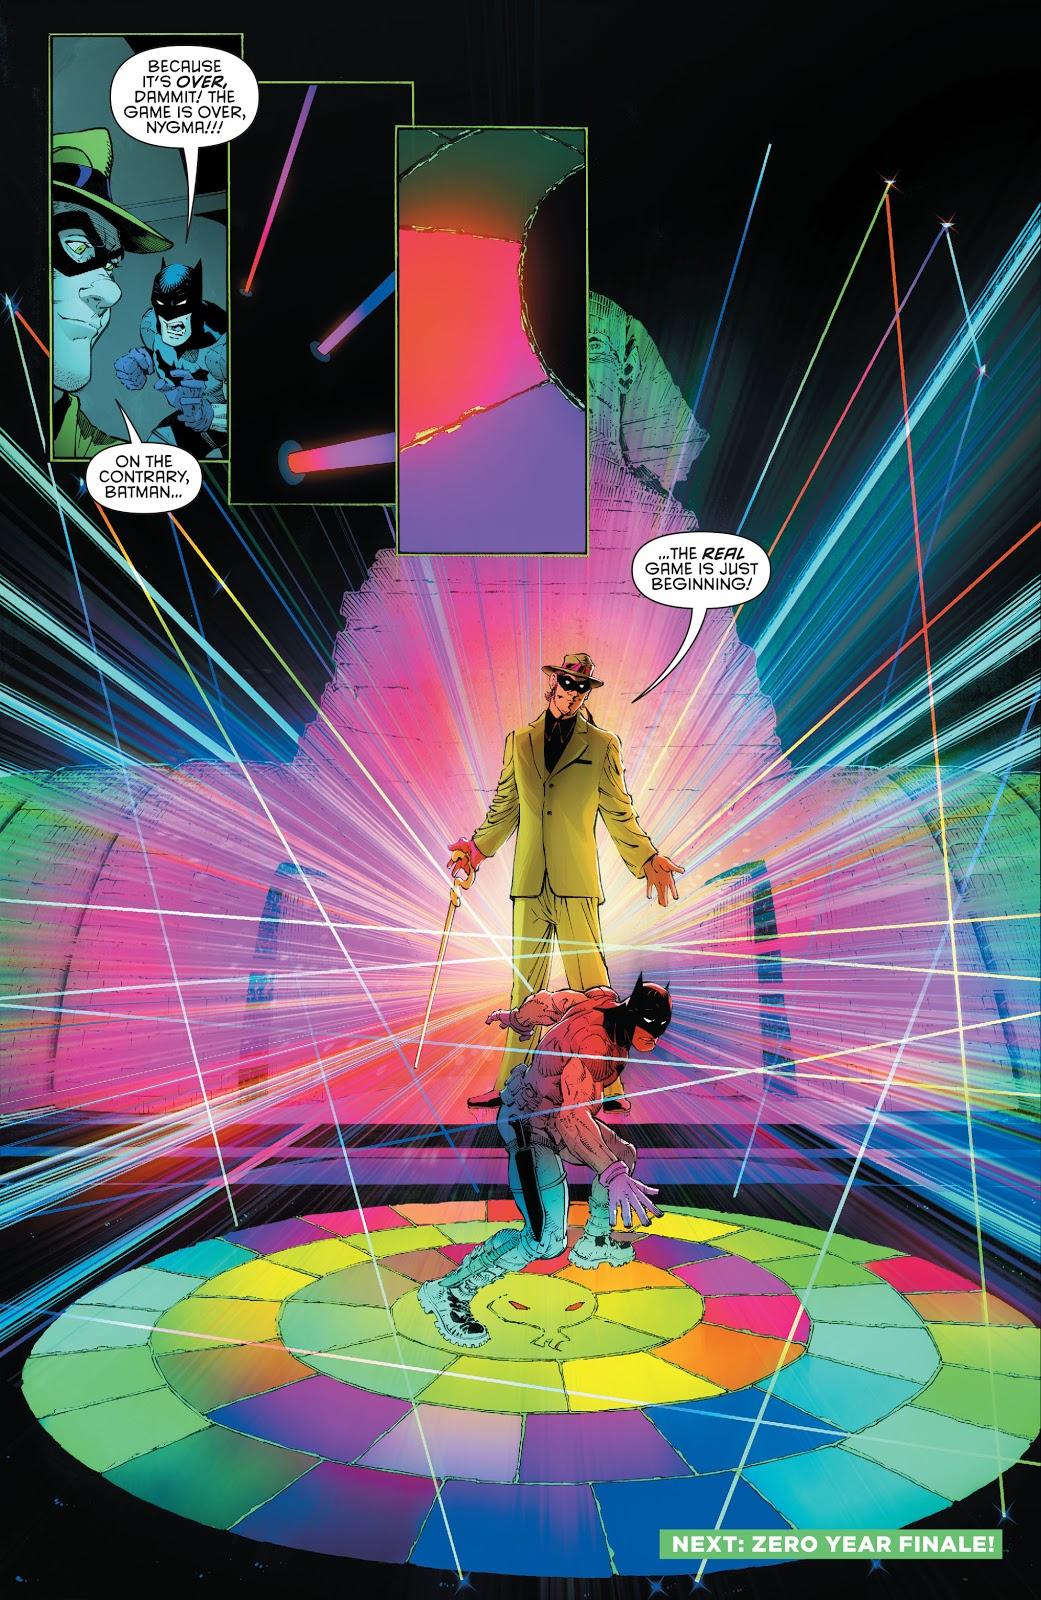 The Riddler (Batman Vol. 2 #32)